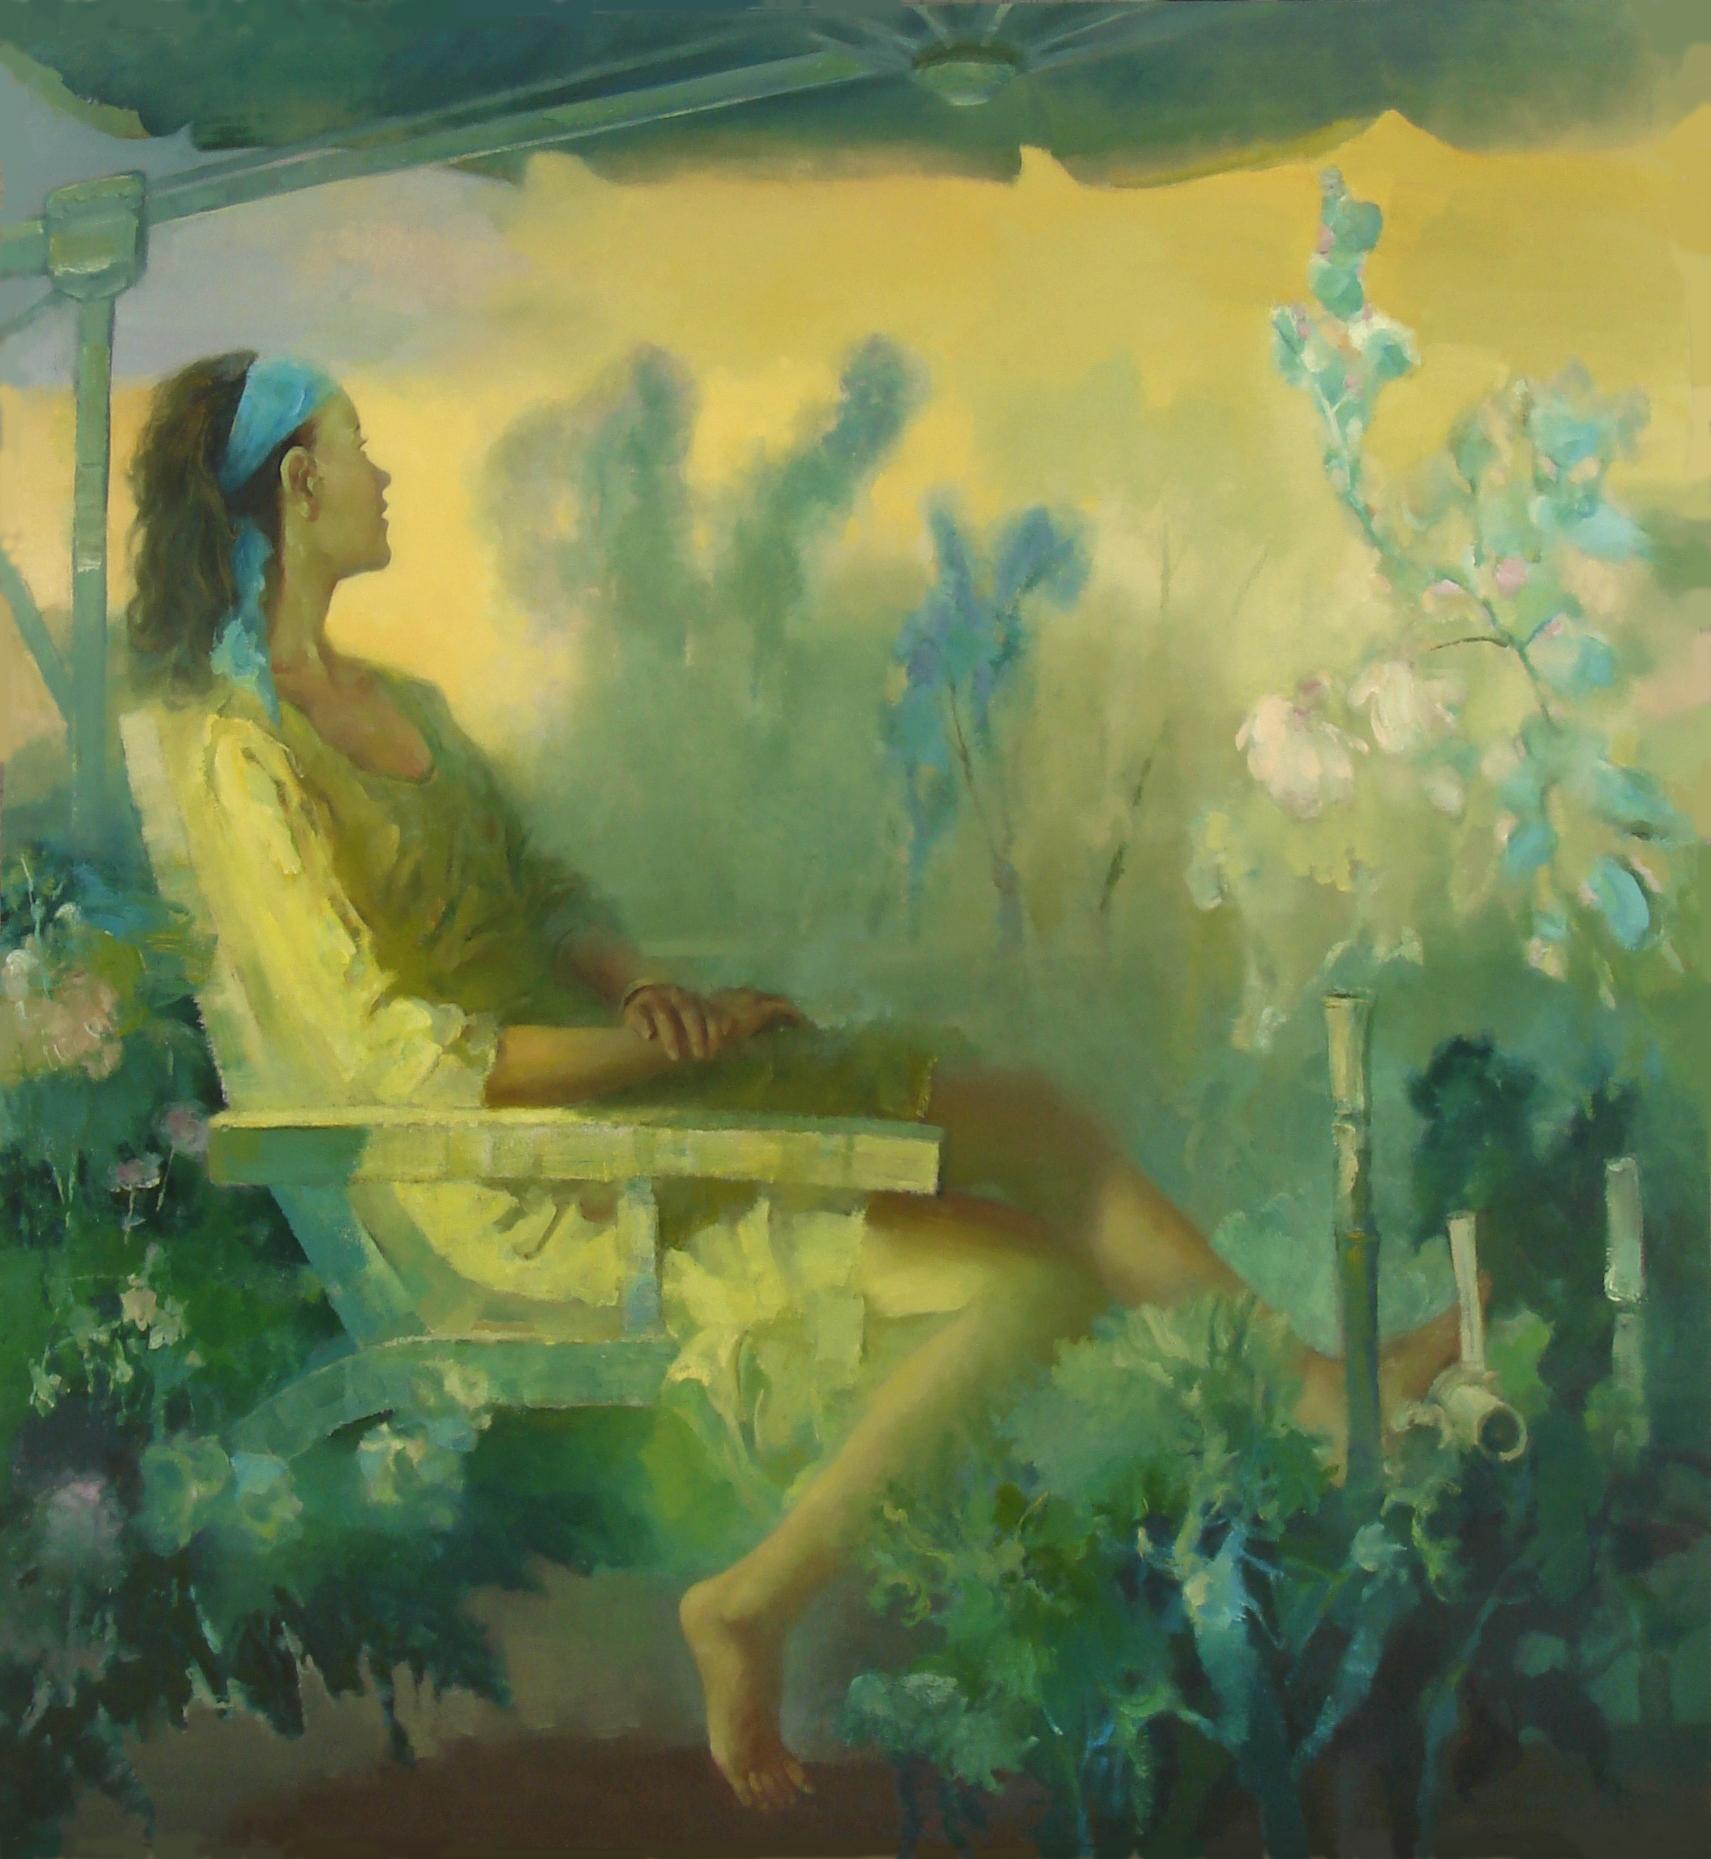 冉卫平人物油画:雾里看花 彰显朦胧美